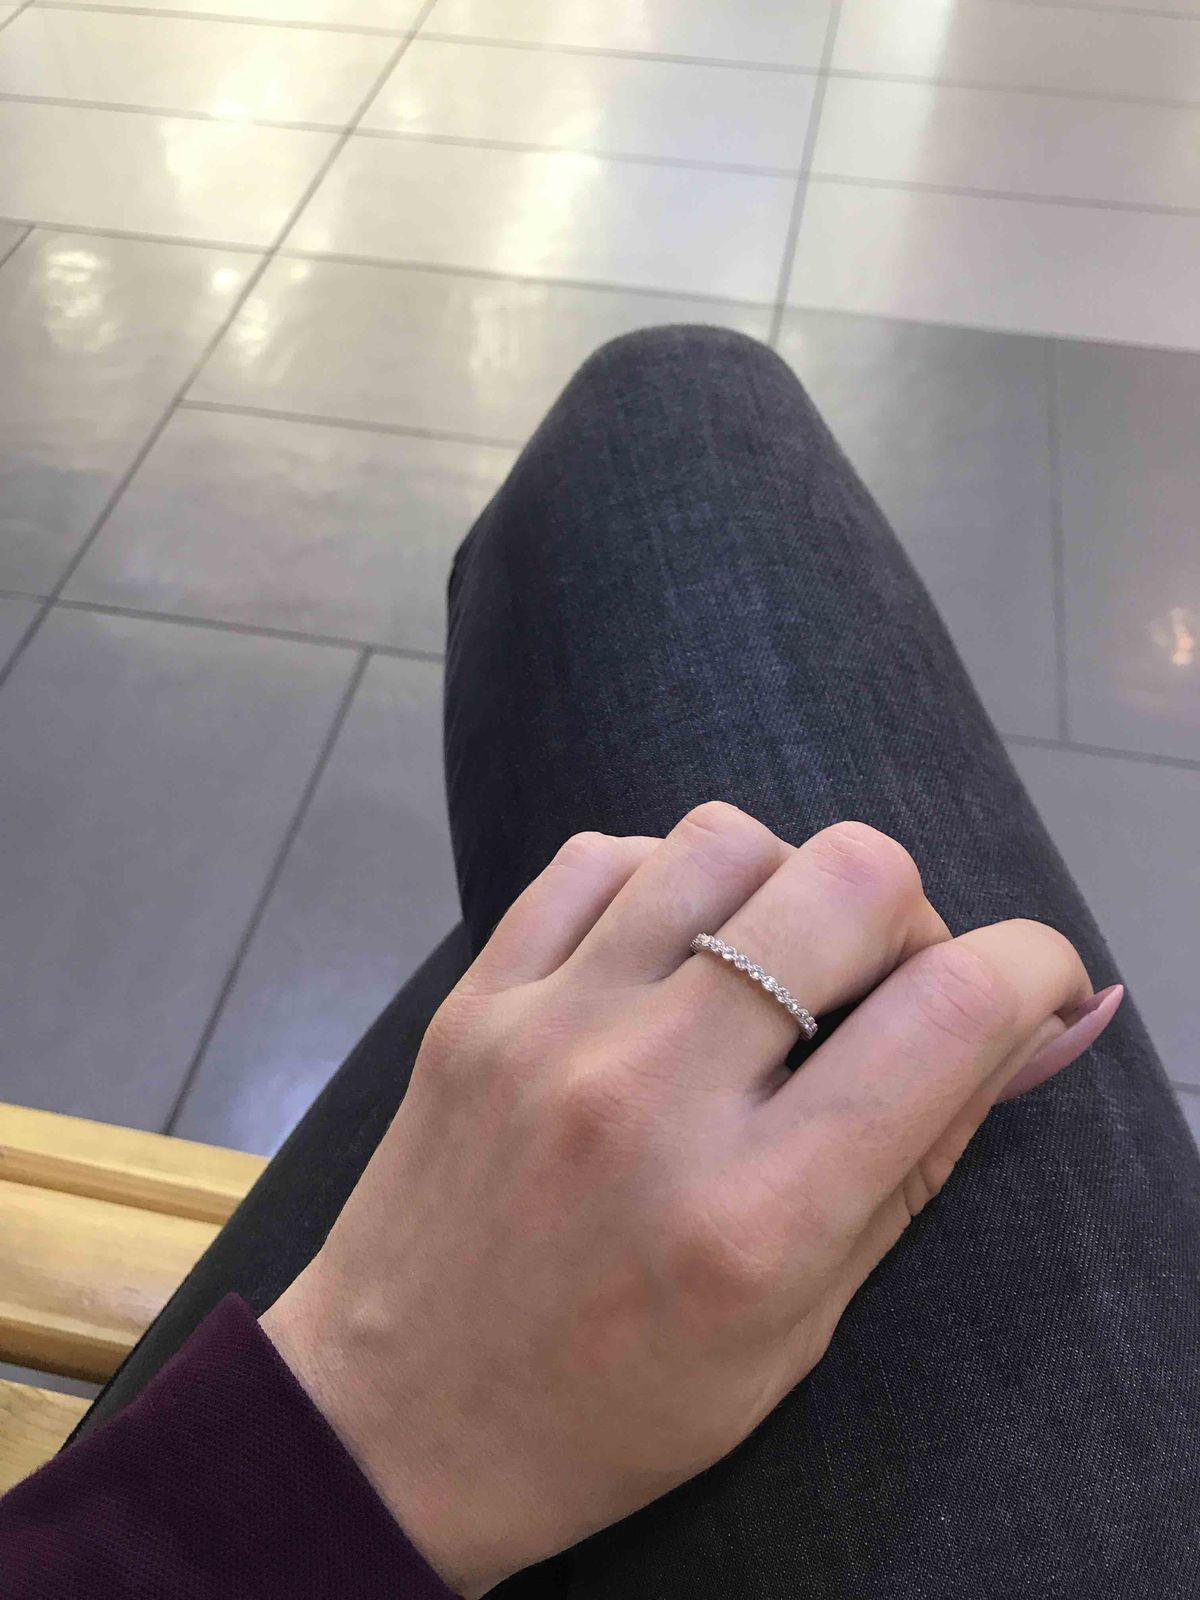 Серебряное кольцо с фианитами подходит для ежедневного стиля)